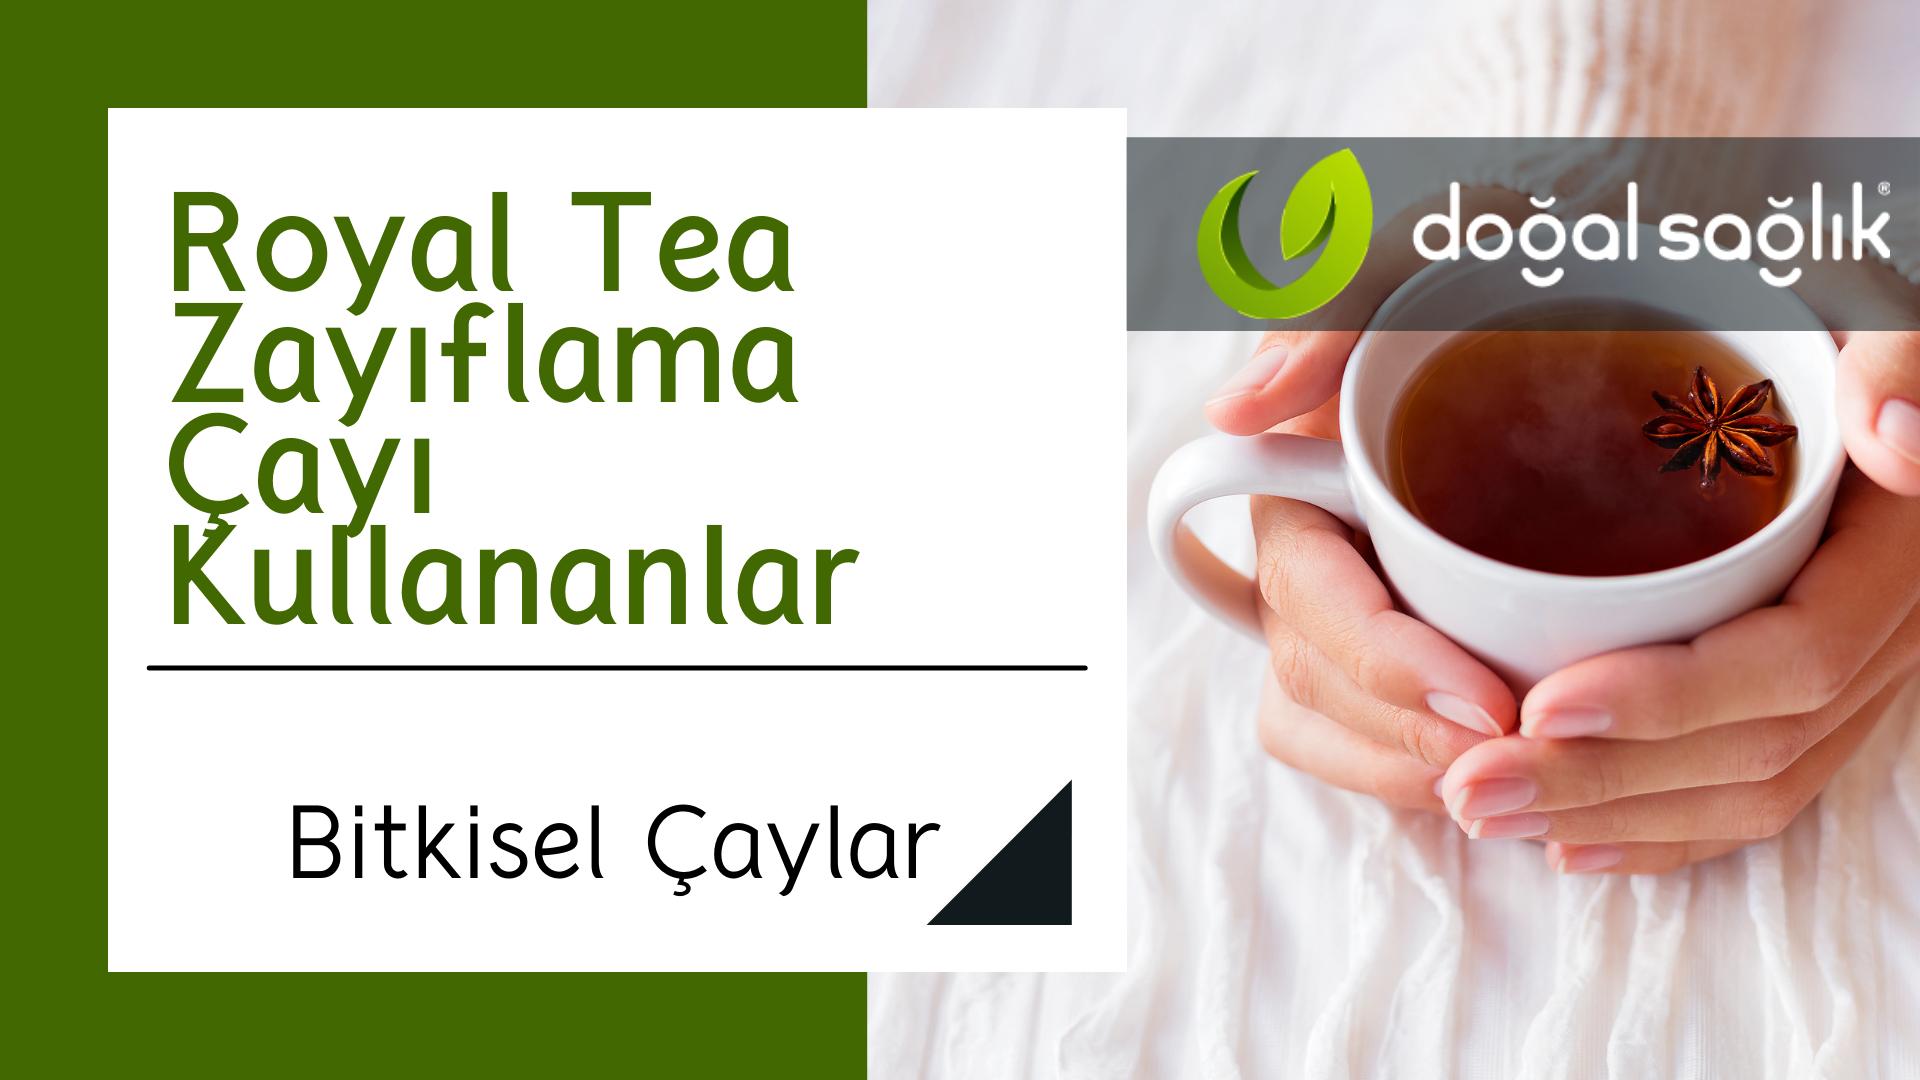 Royal Tea Zayıflama Çayı Kullananlar